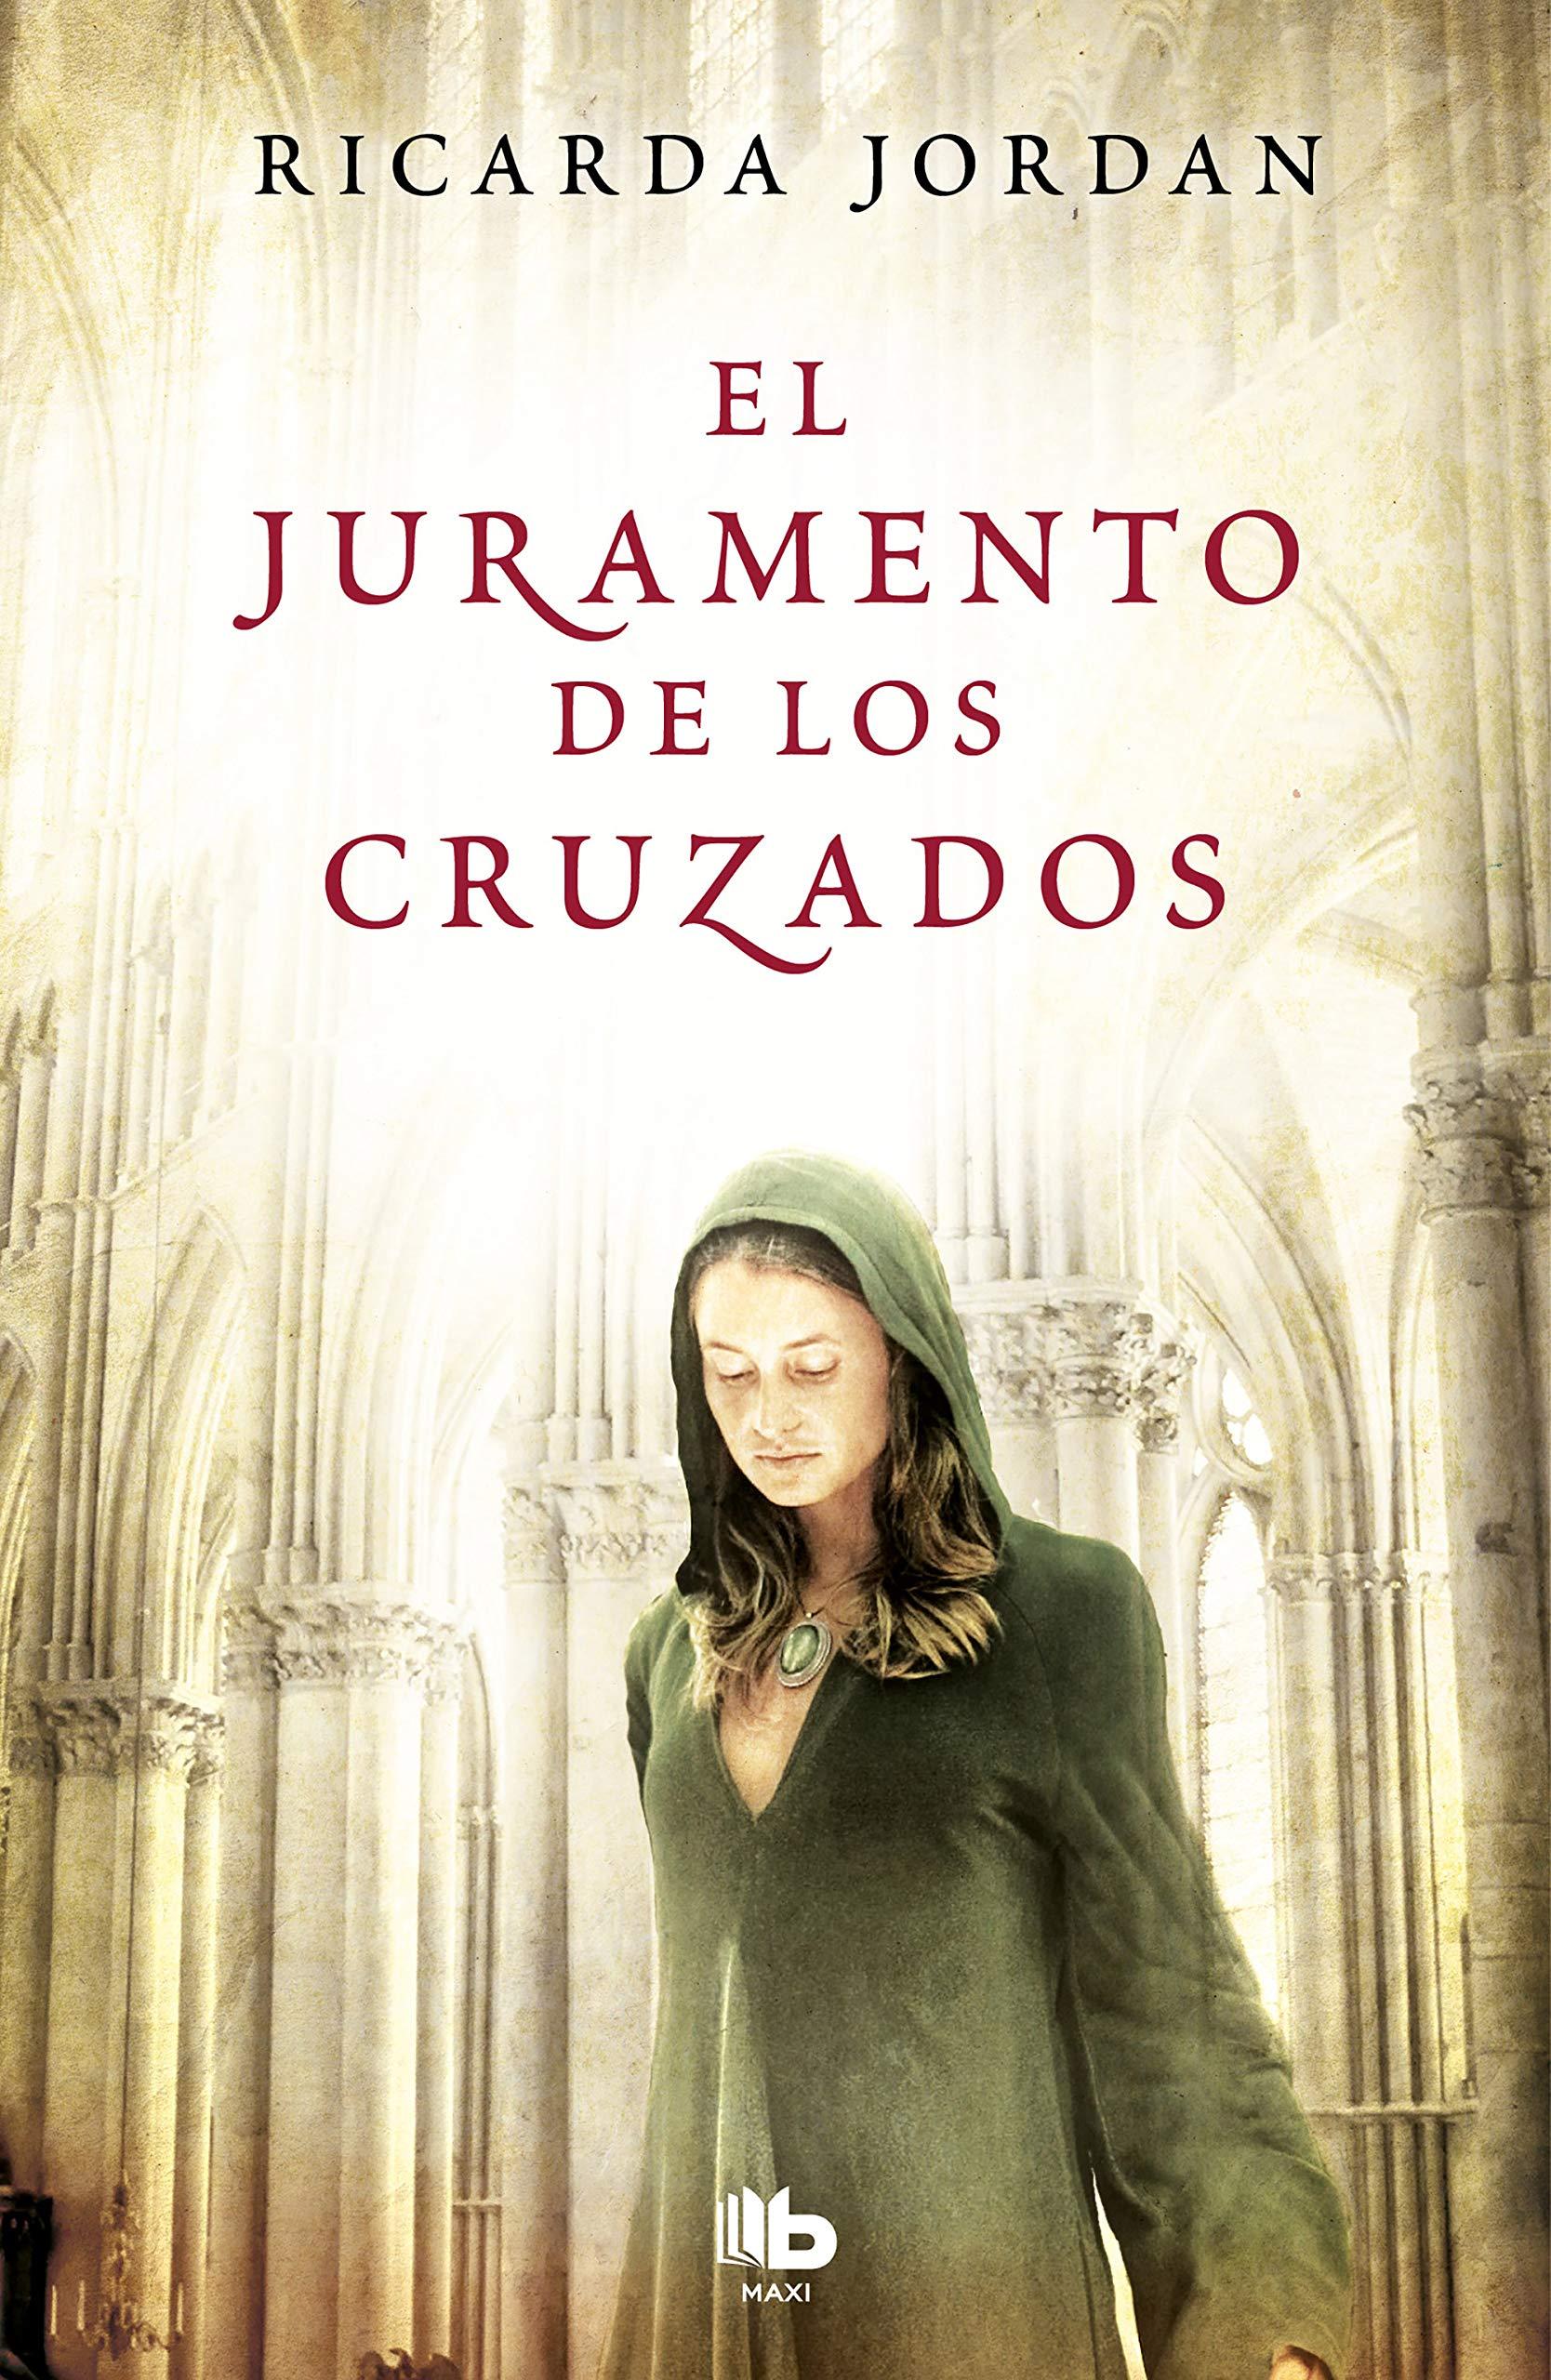 El juramento de los cruzados (MAXI): Amazon.es: Ricarda Jordan, Irene  Saslavsky Niedermann;: Libros